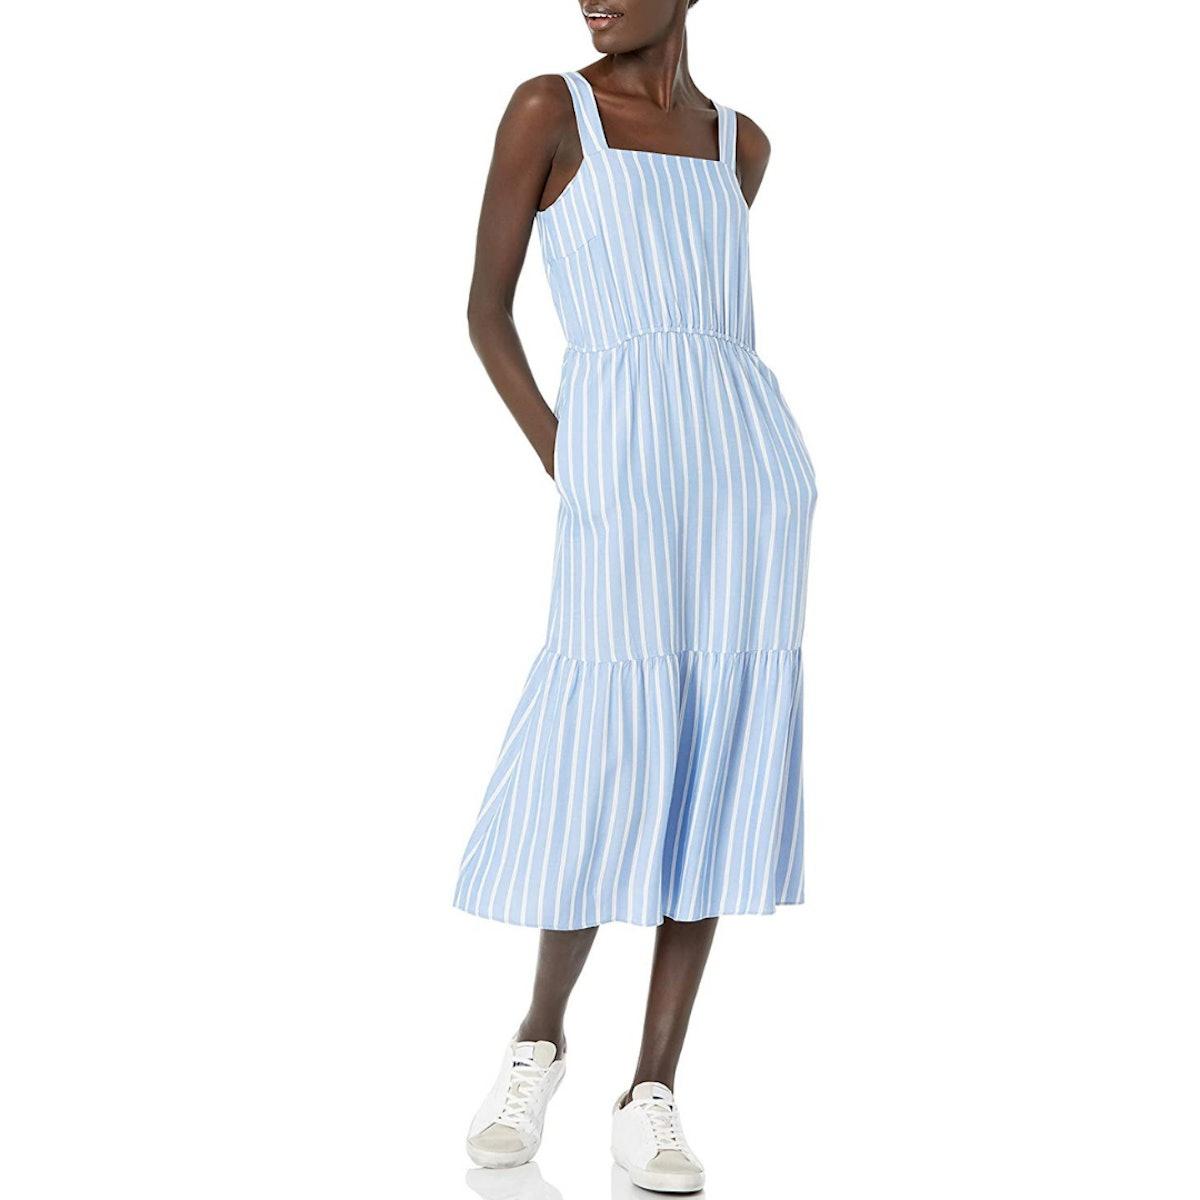 Amazon Essentials Fluid Twill Tiered Midi Summer Dress